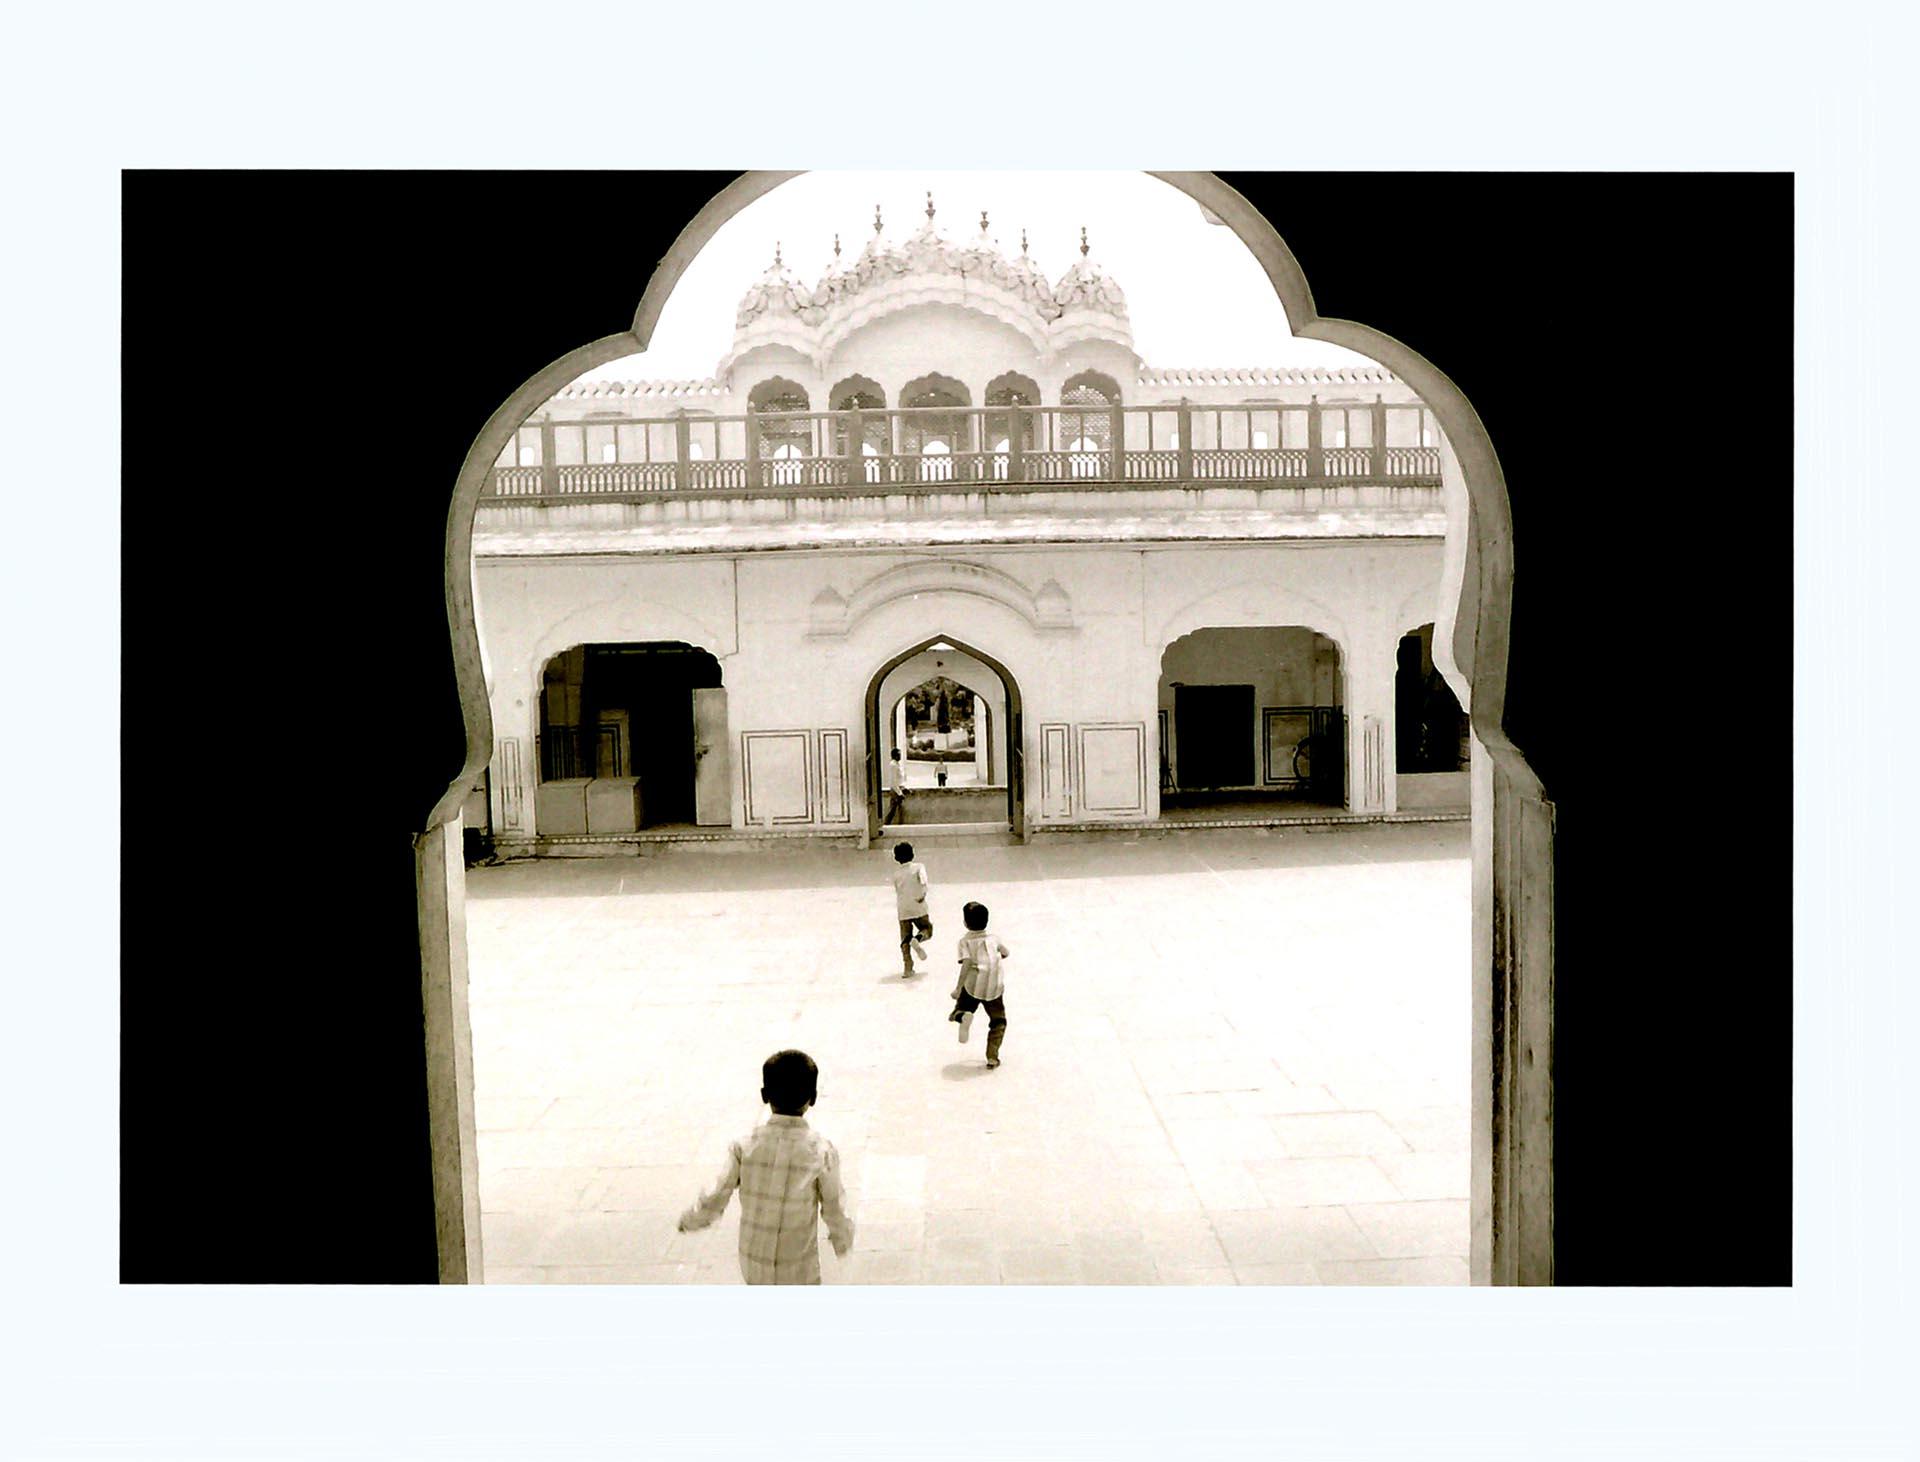 002-Children,India 1990